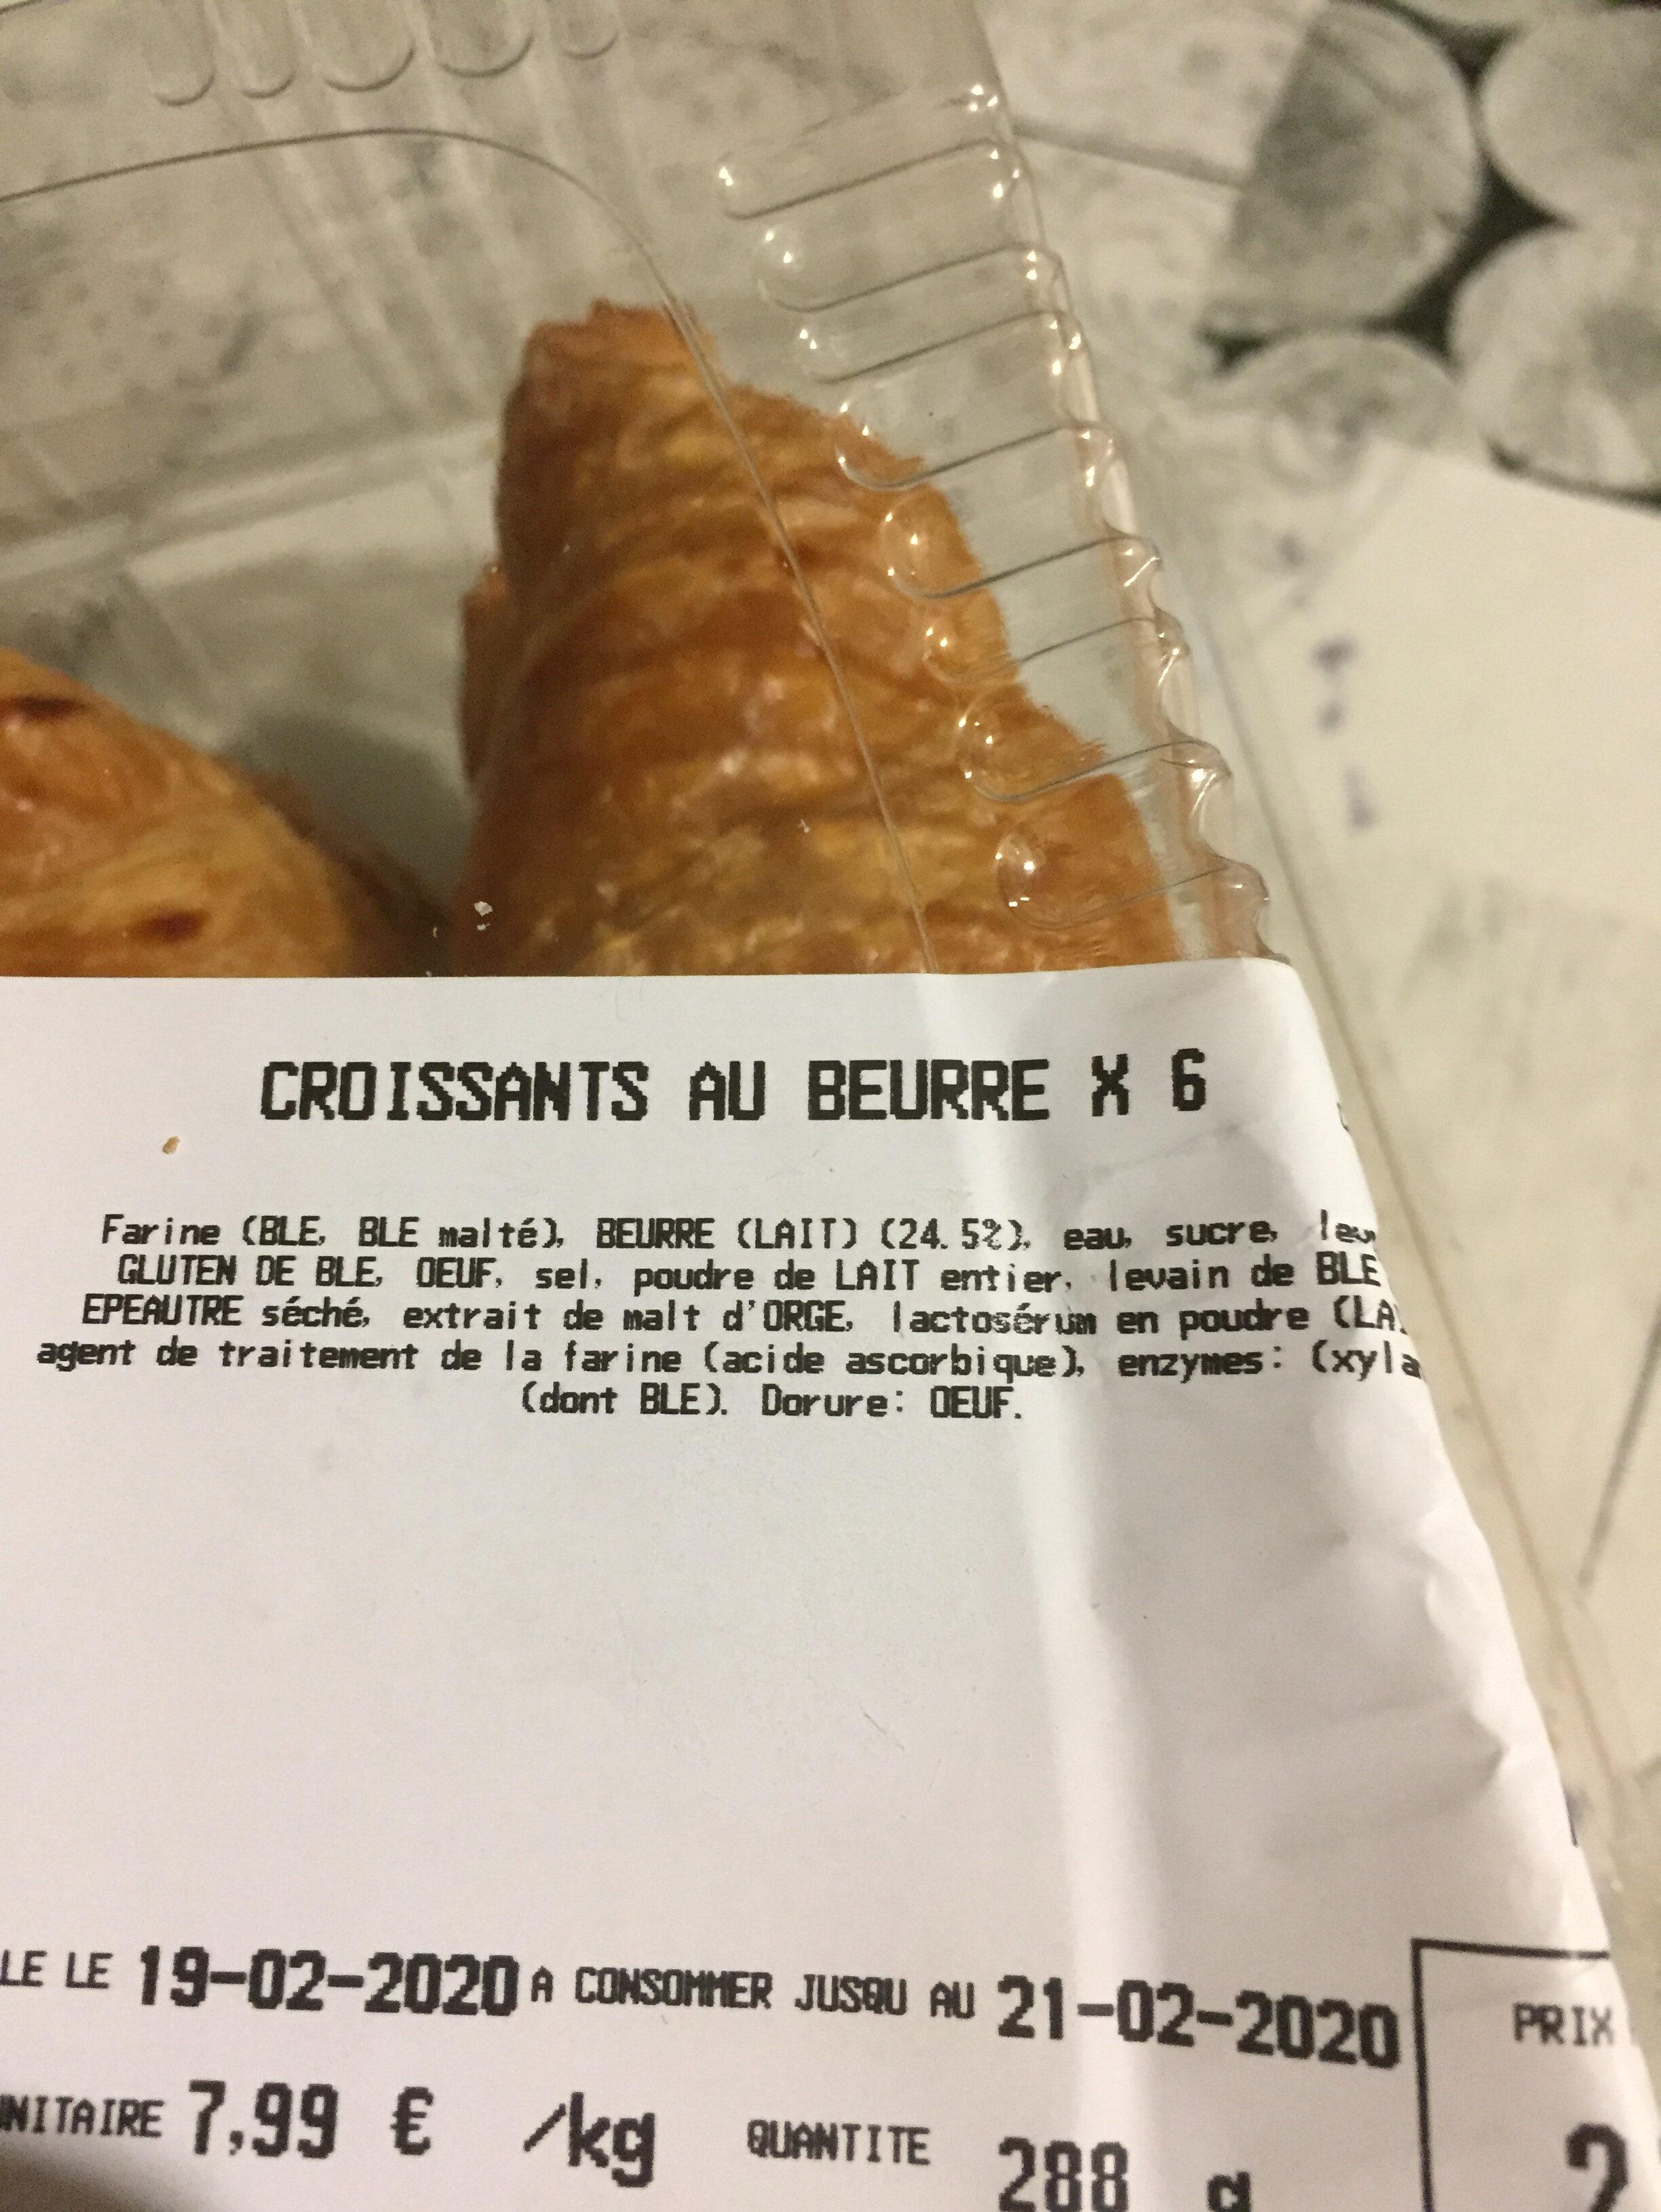 Croissant au beurre - Ingrédients